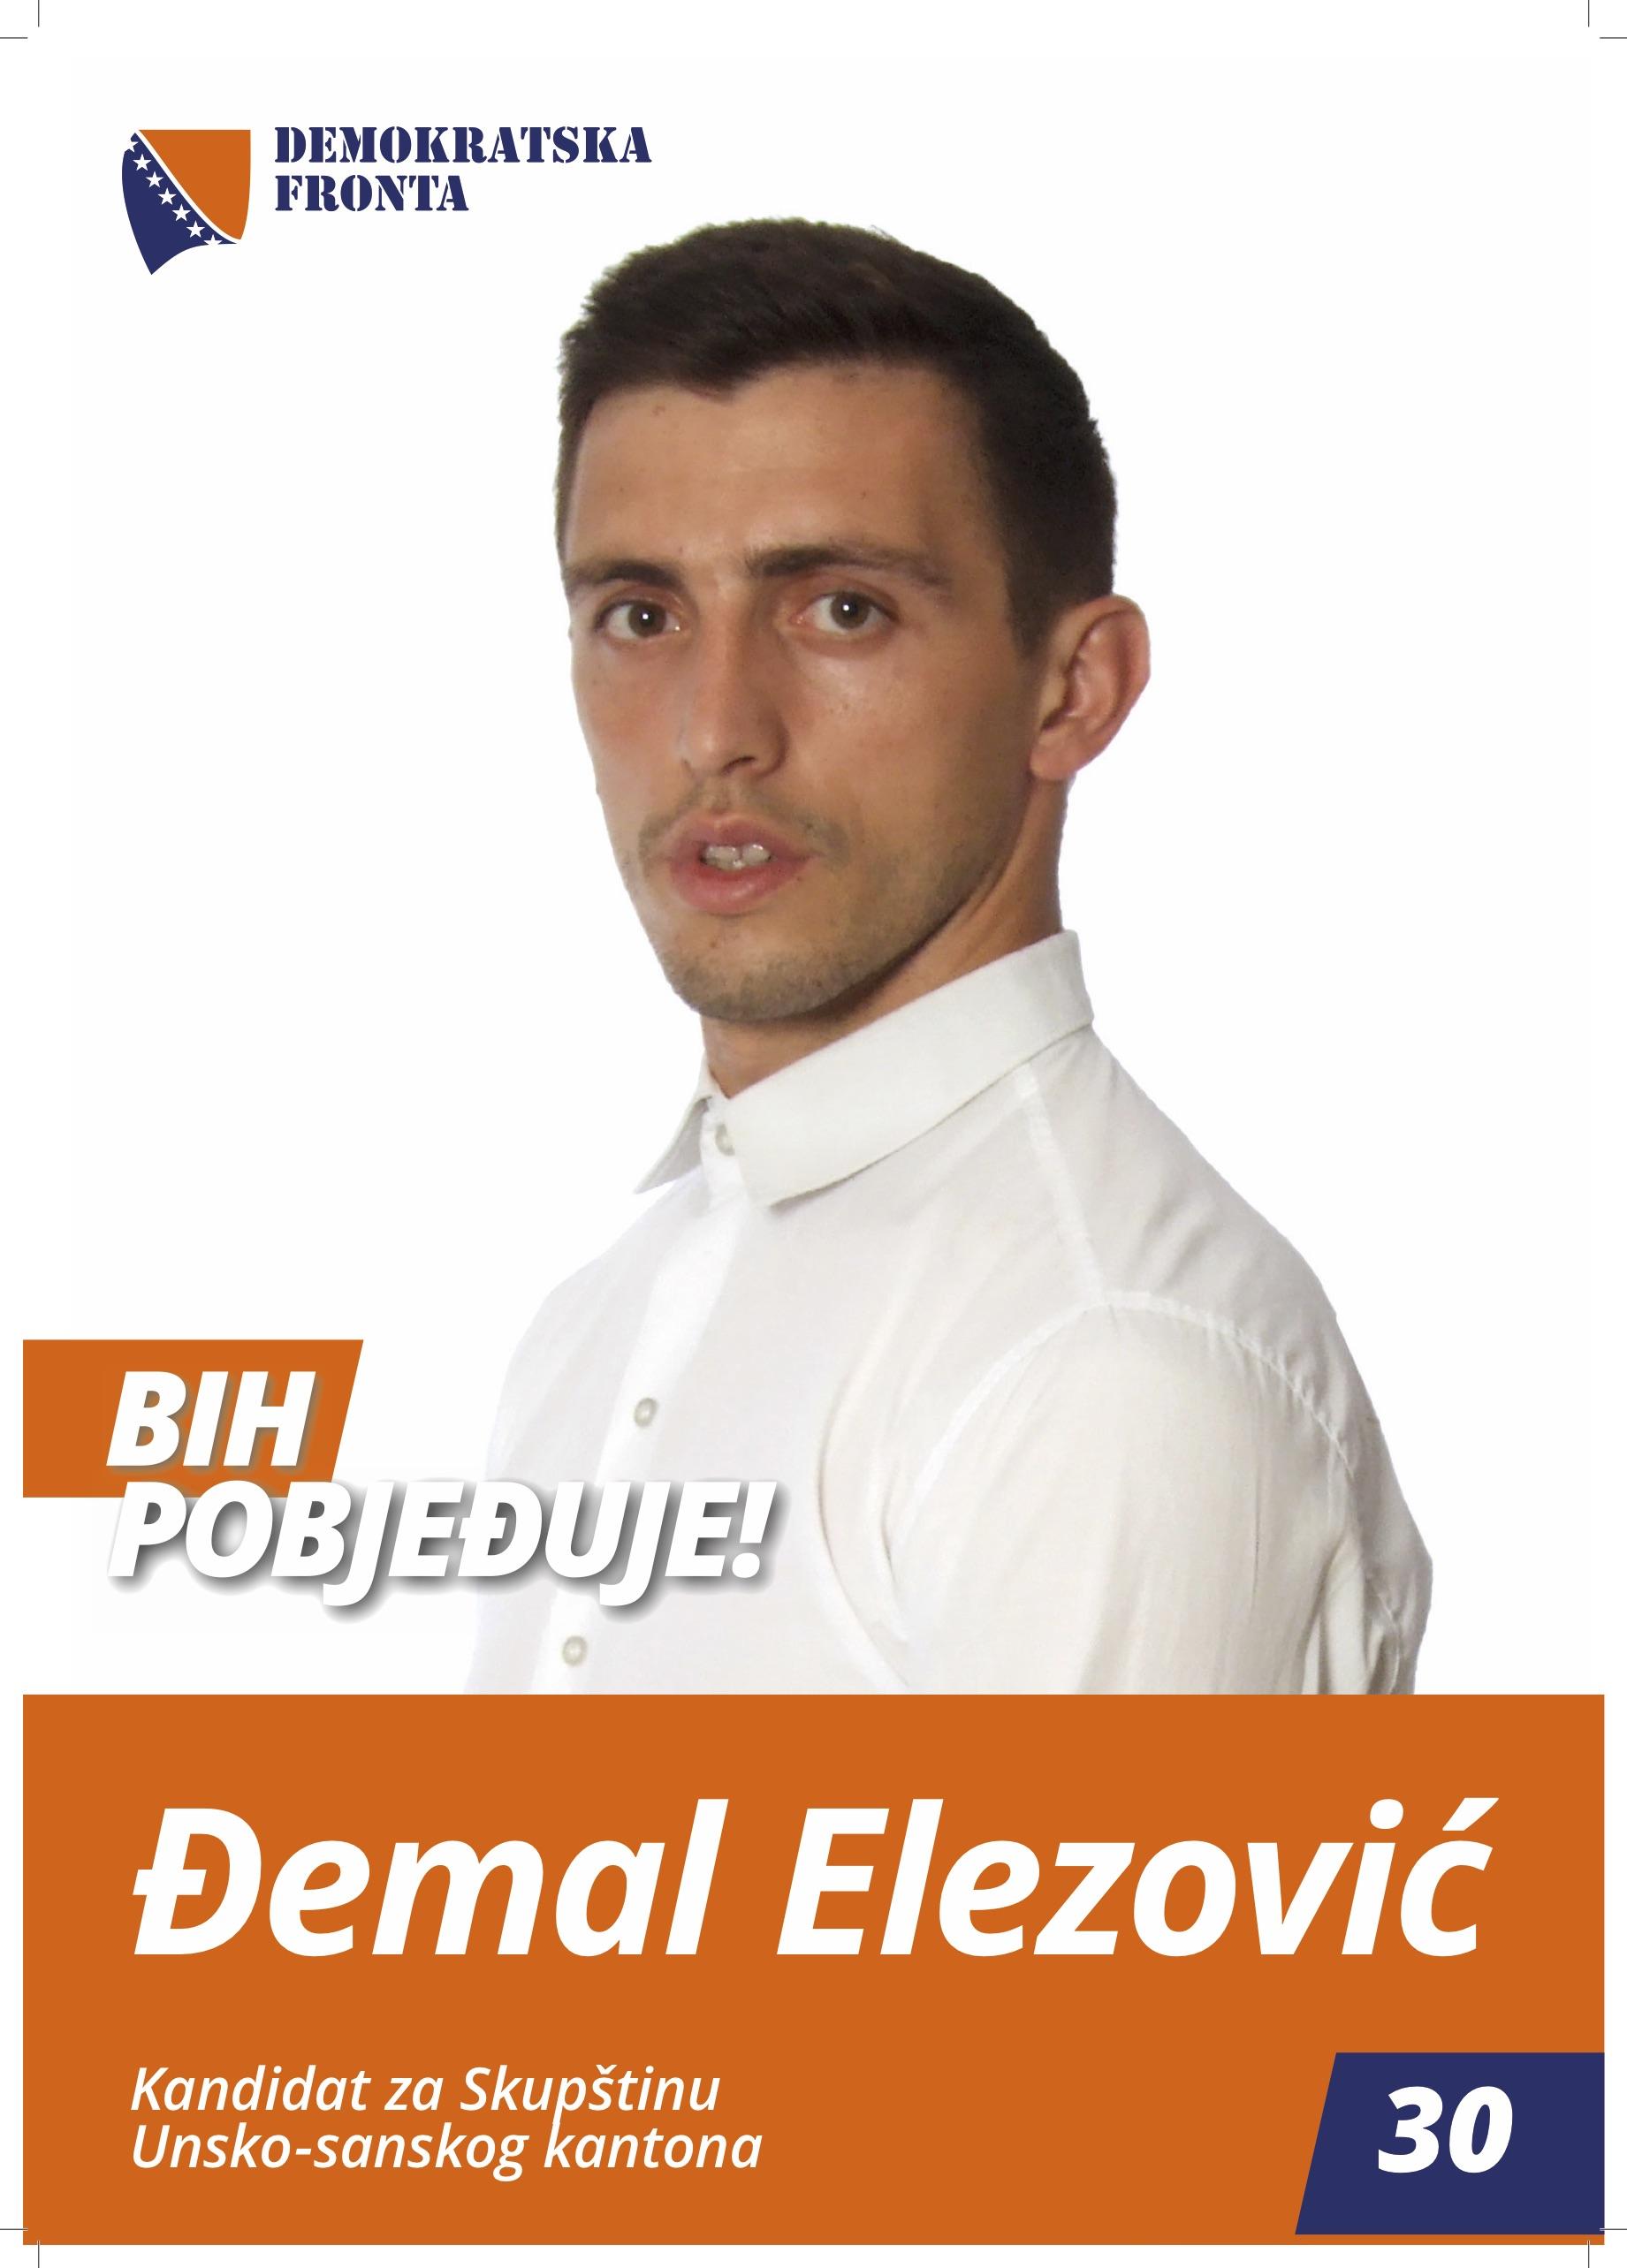 Đemal Elezović, inžinjer šumarstva